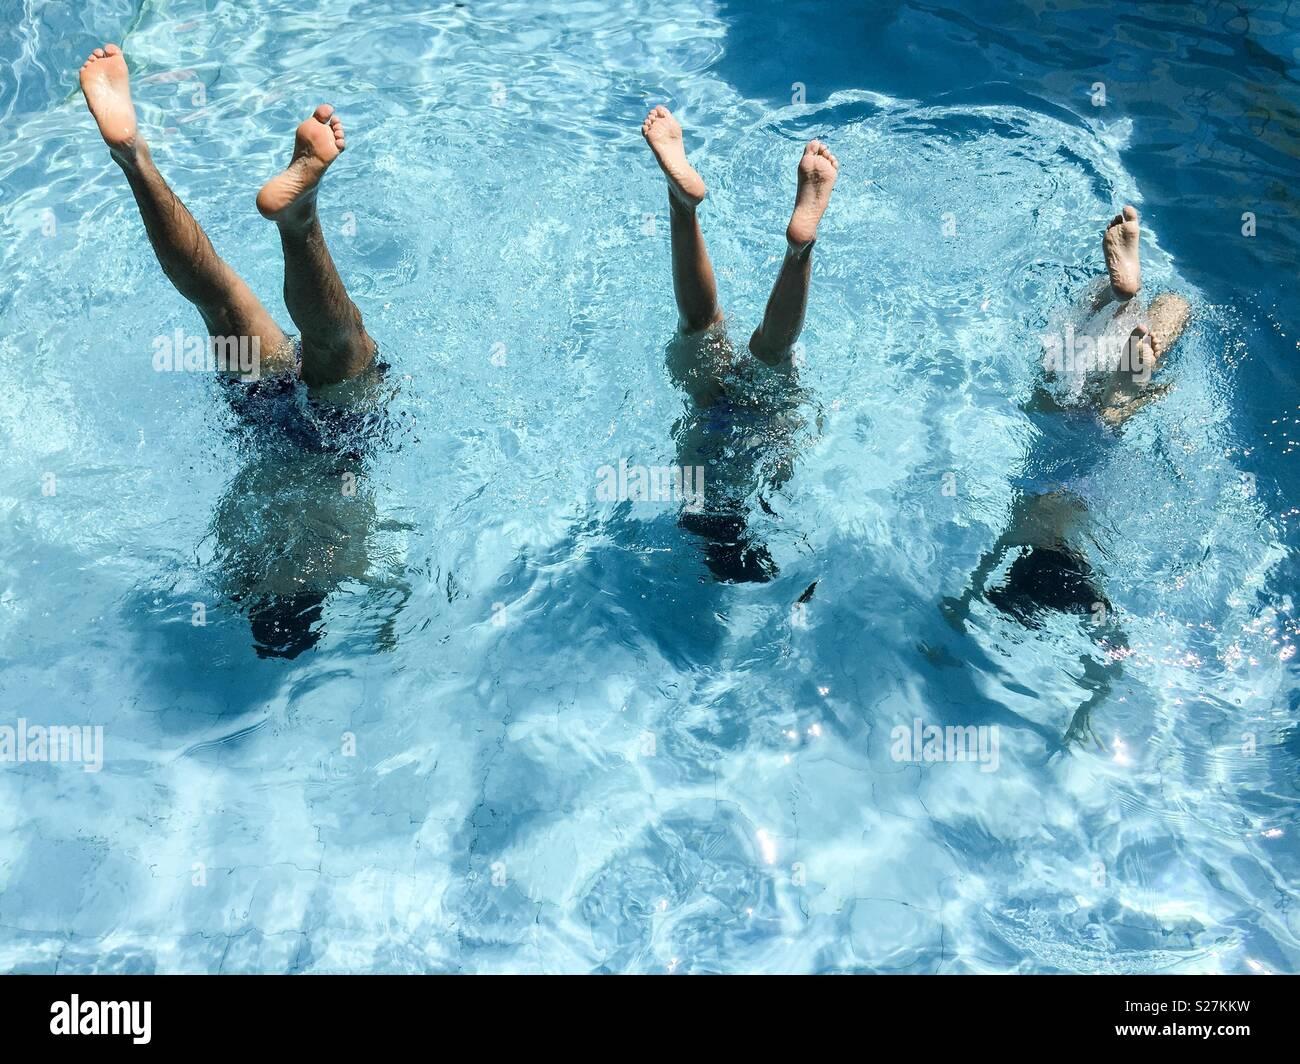 Tres adolescentes haciendo equilibrio en la piscina Imagen De Stock